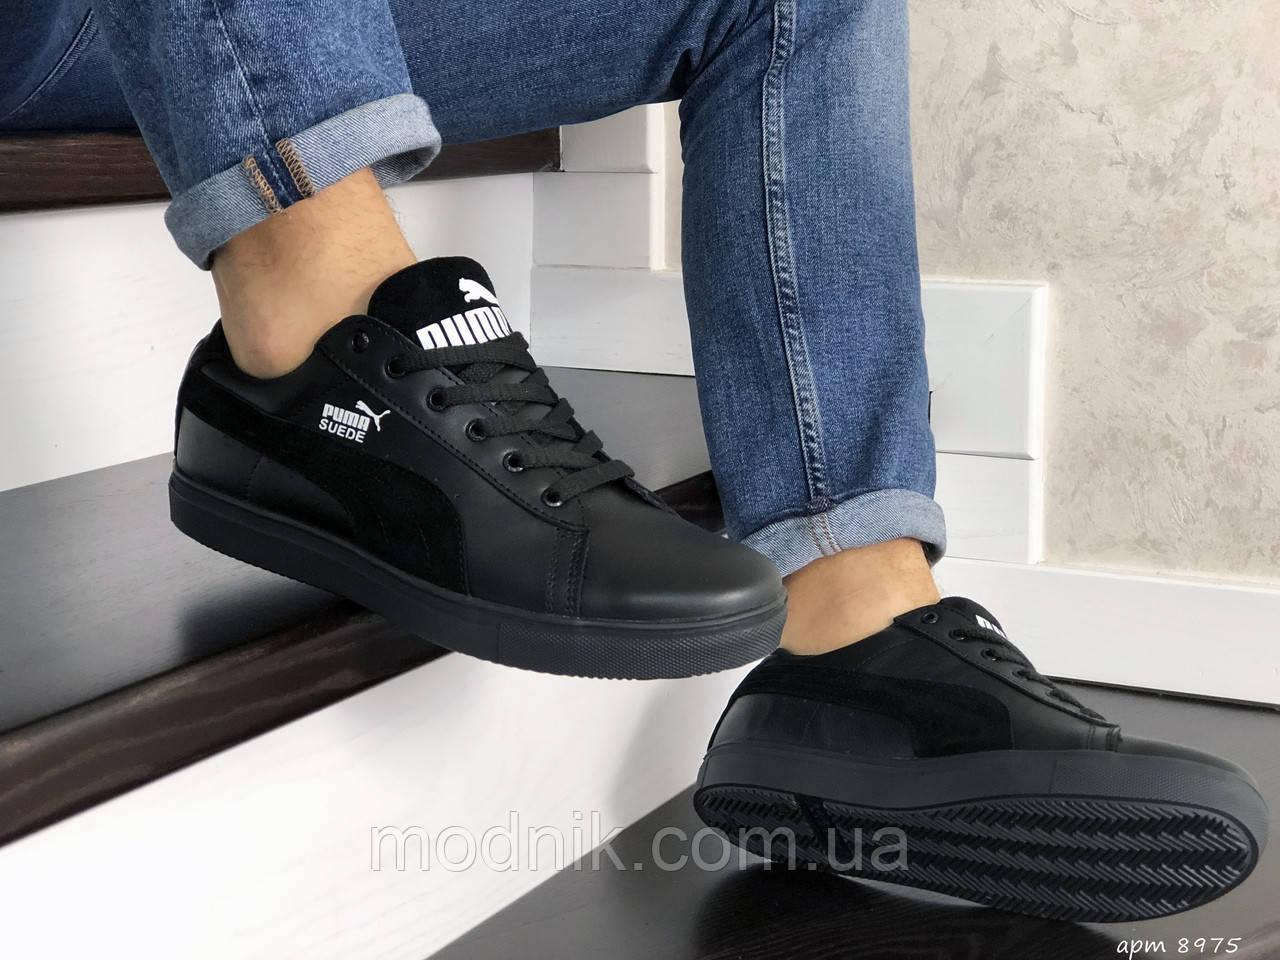 Мужские кроссовки Puma Suede (черные) 8975